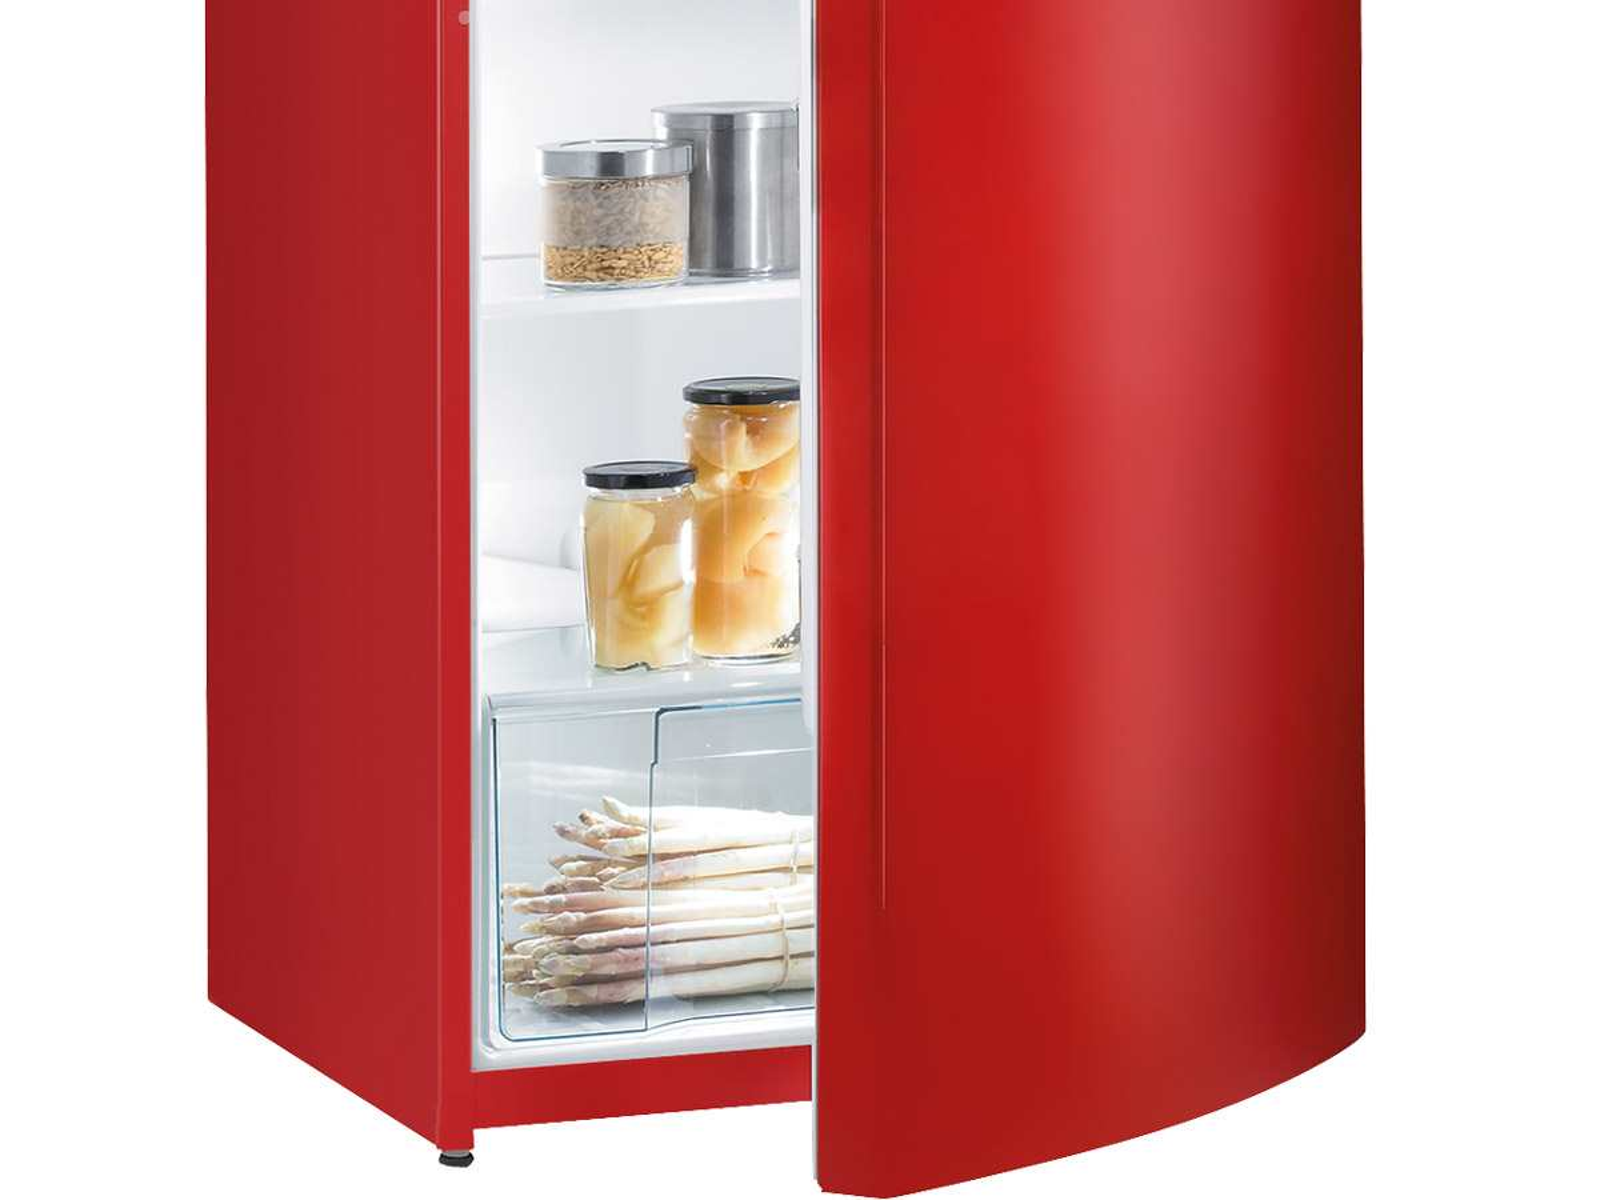 Gorenje Classico Kühlschrank : Gorenje herd elektroherd oder backofen gebraucht kaufen in